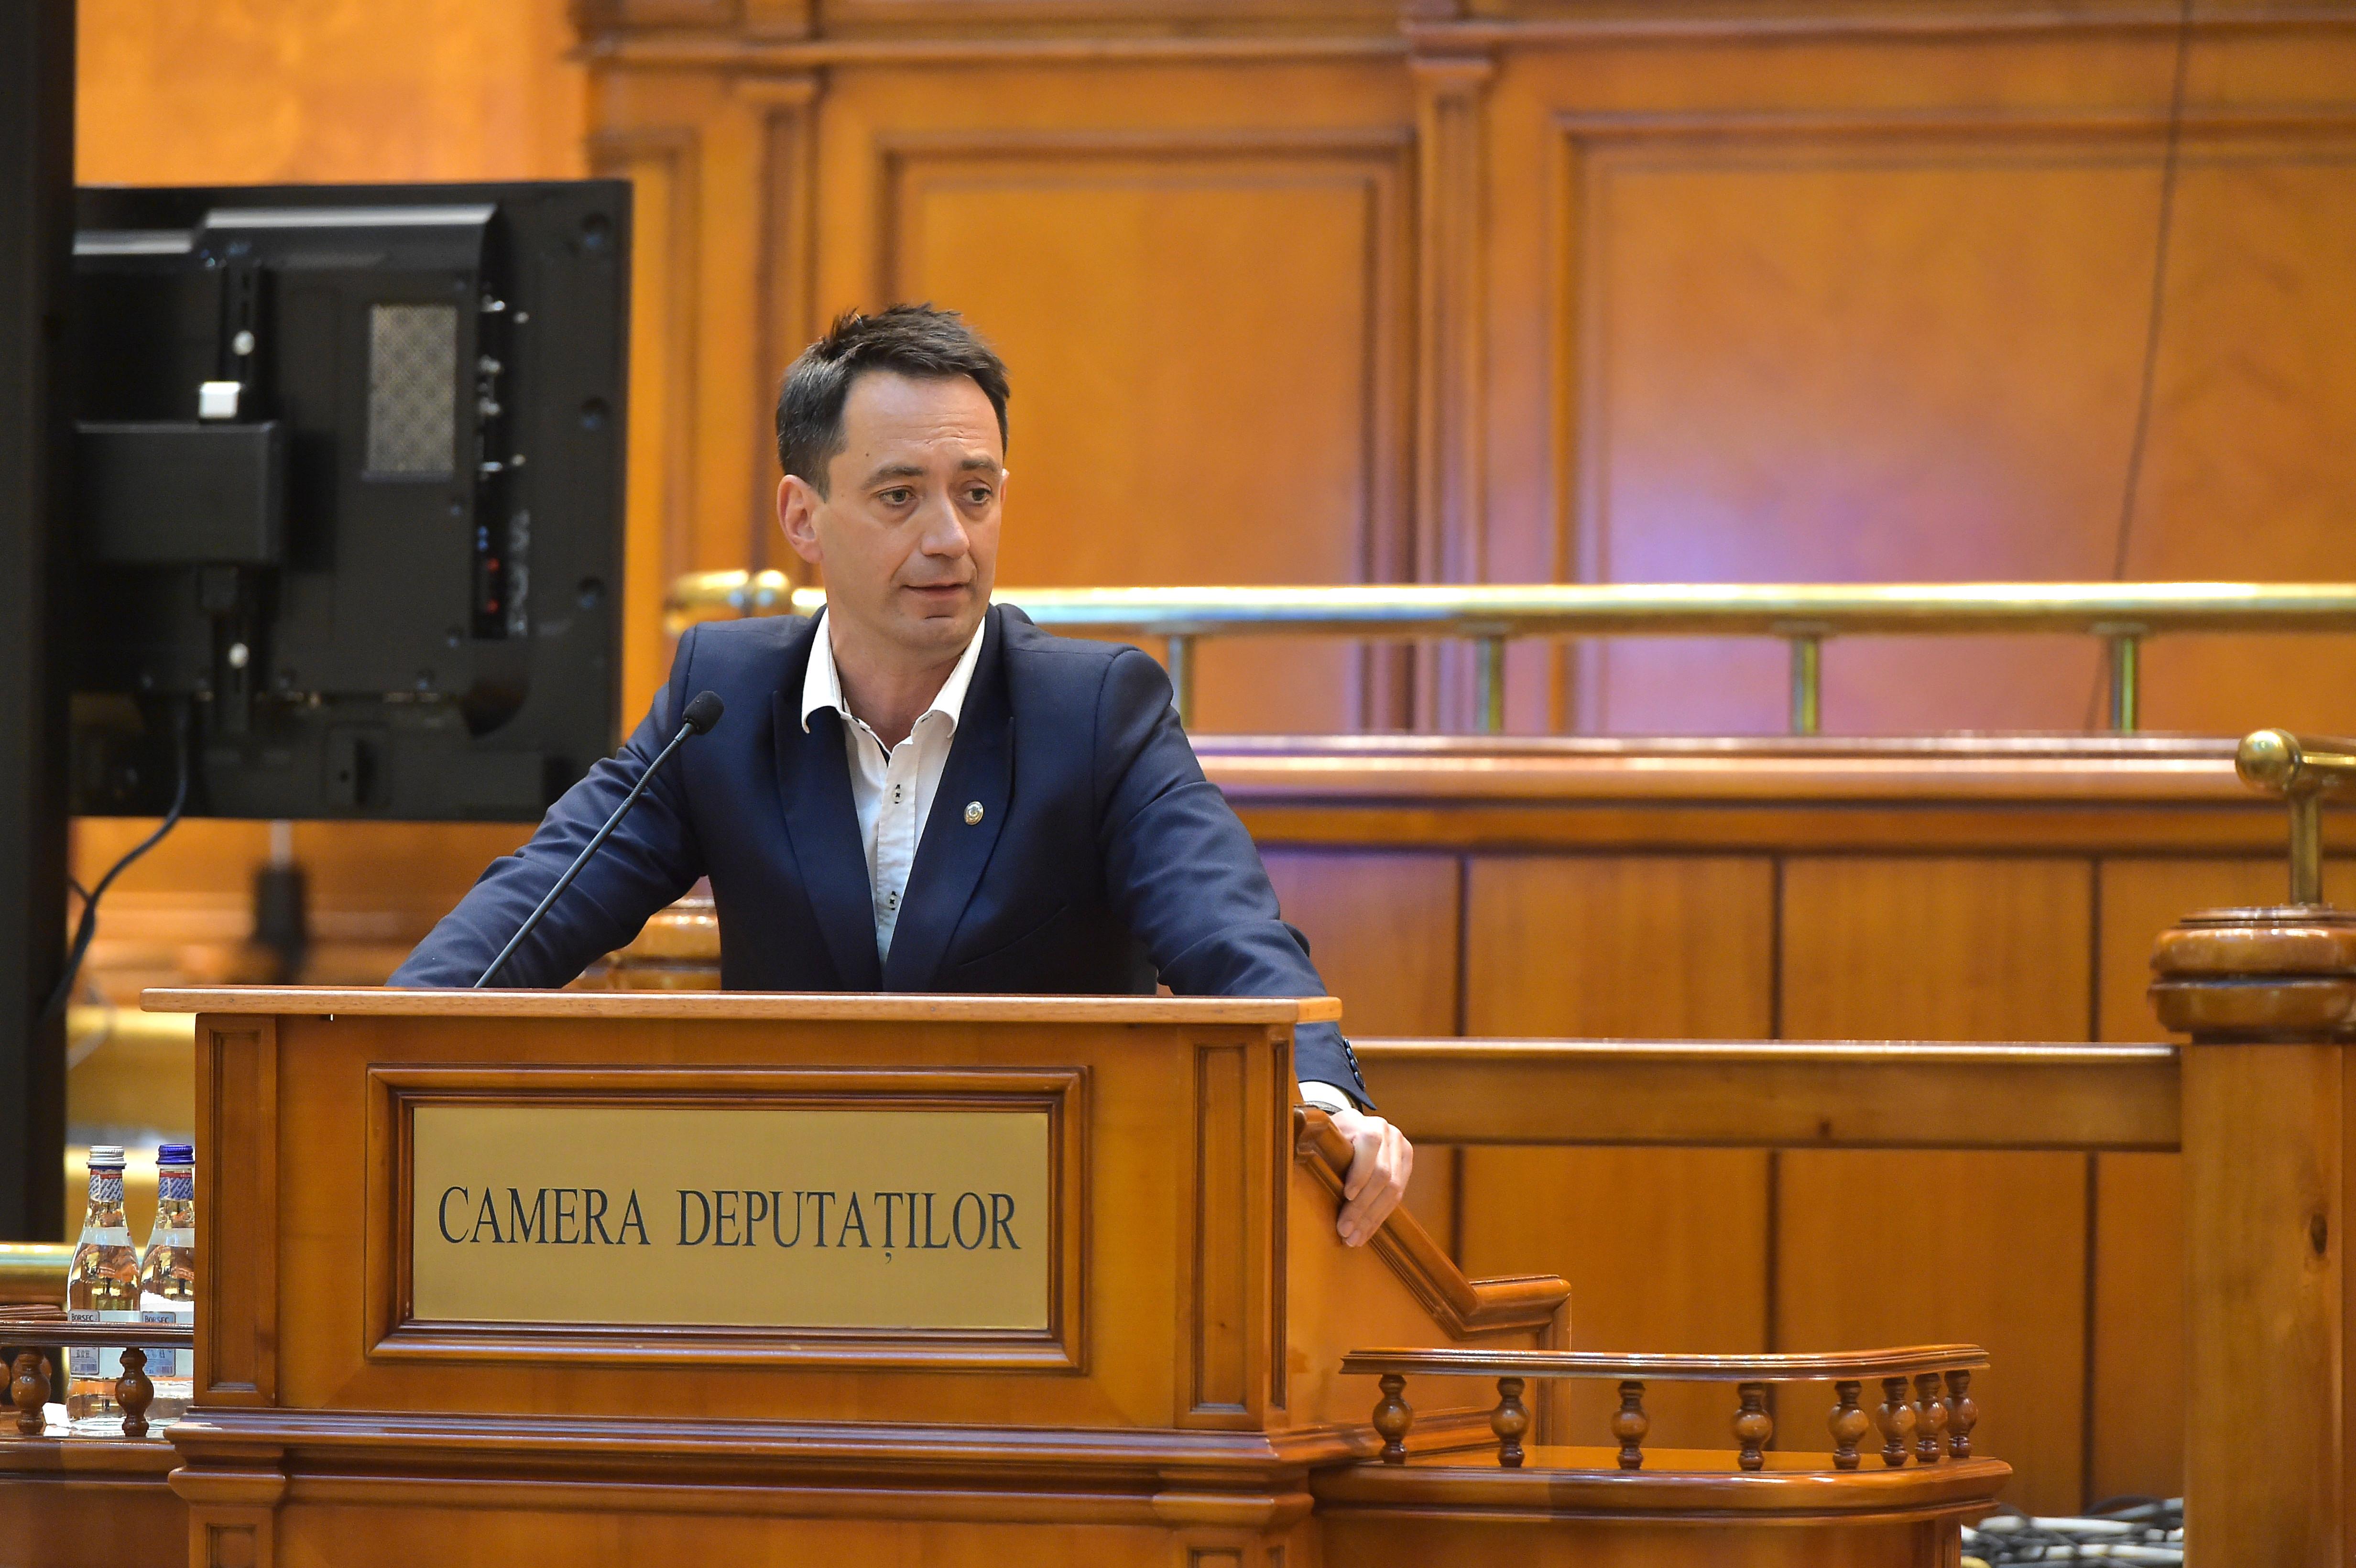 Liderul deputaţilor UDMR: Ministrul Justiţiei alunecă spre stalinism. Dan Barna a intrat în acest delir